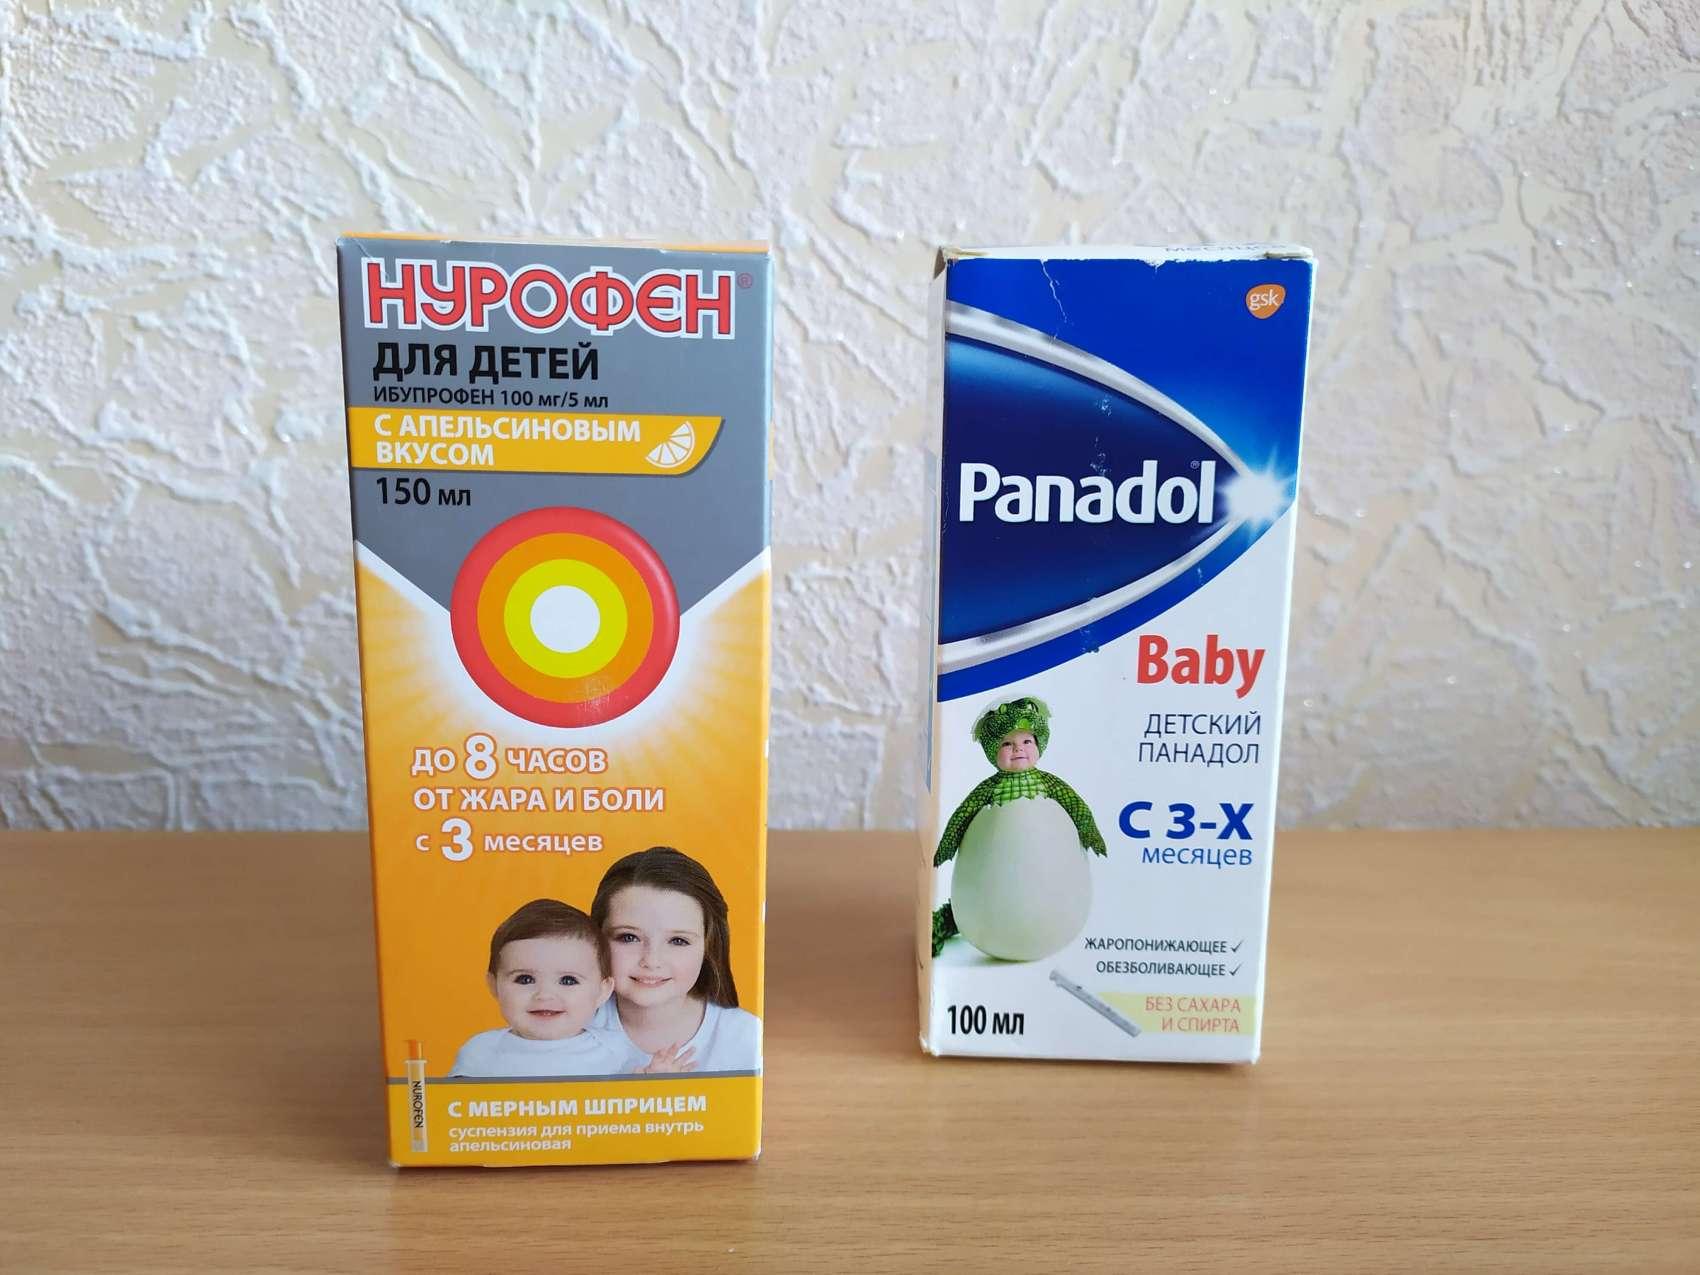 Помощь ребенку при температуре, общая схема применения жаропонижающих препаратов - запись пользователя ღlena_drღ (lena_dr) в дневнике - babyblog.ru